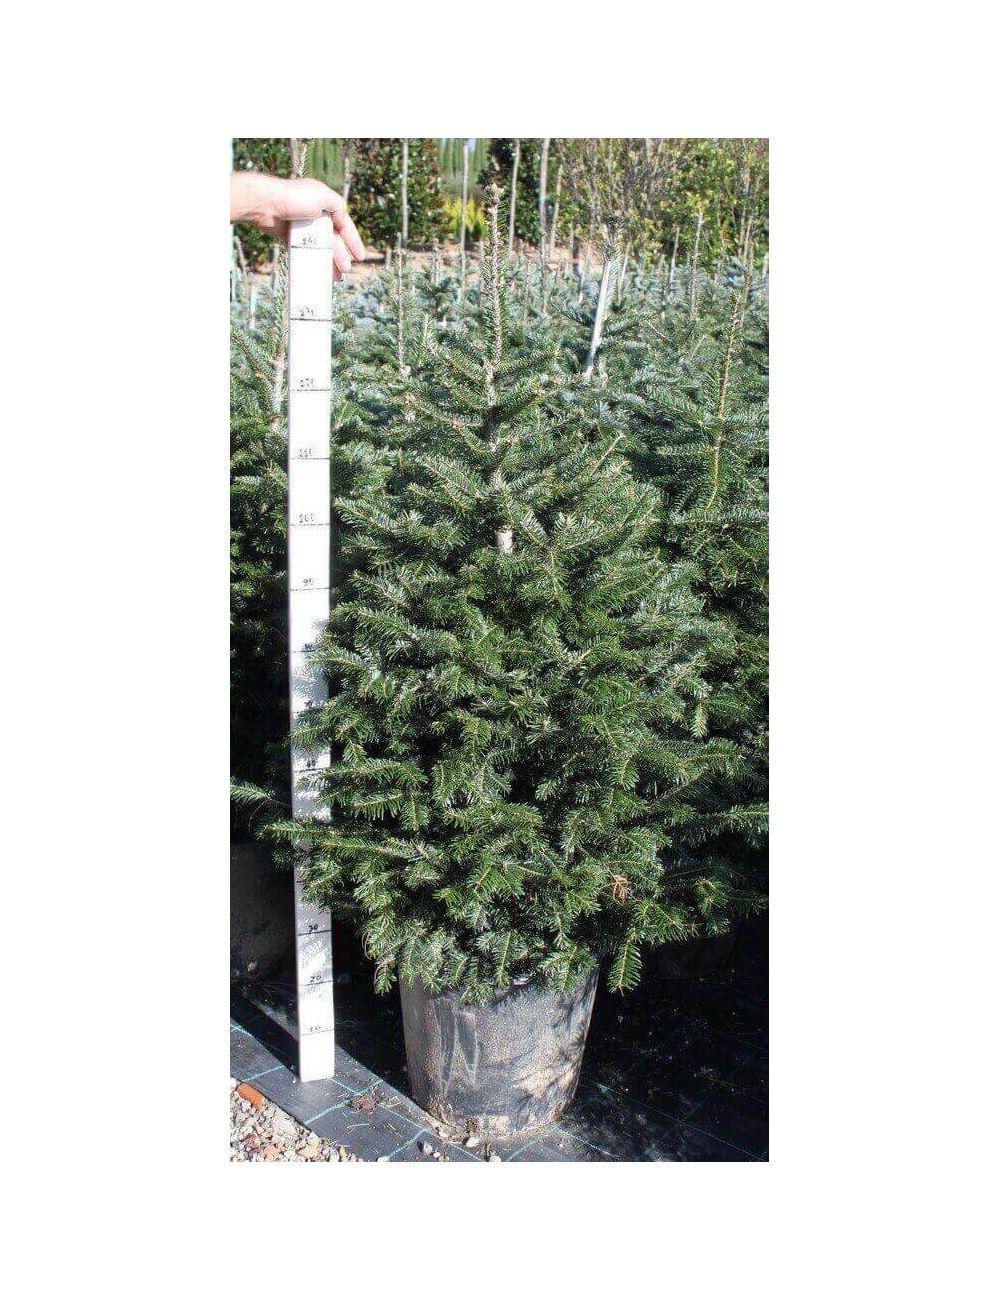 Abete nordmanniana vaso 40 cm vendita piante on line for Vendita piante mirtillo on line